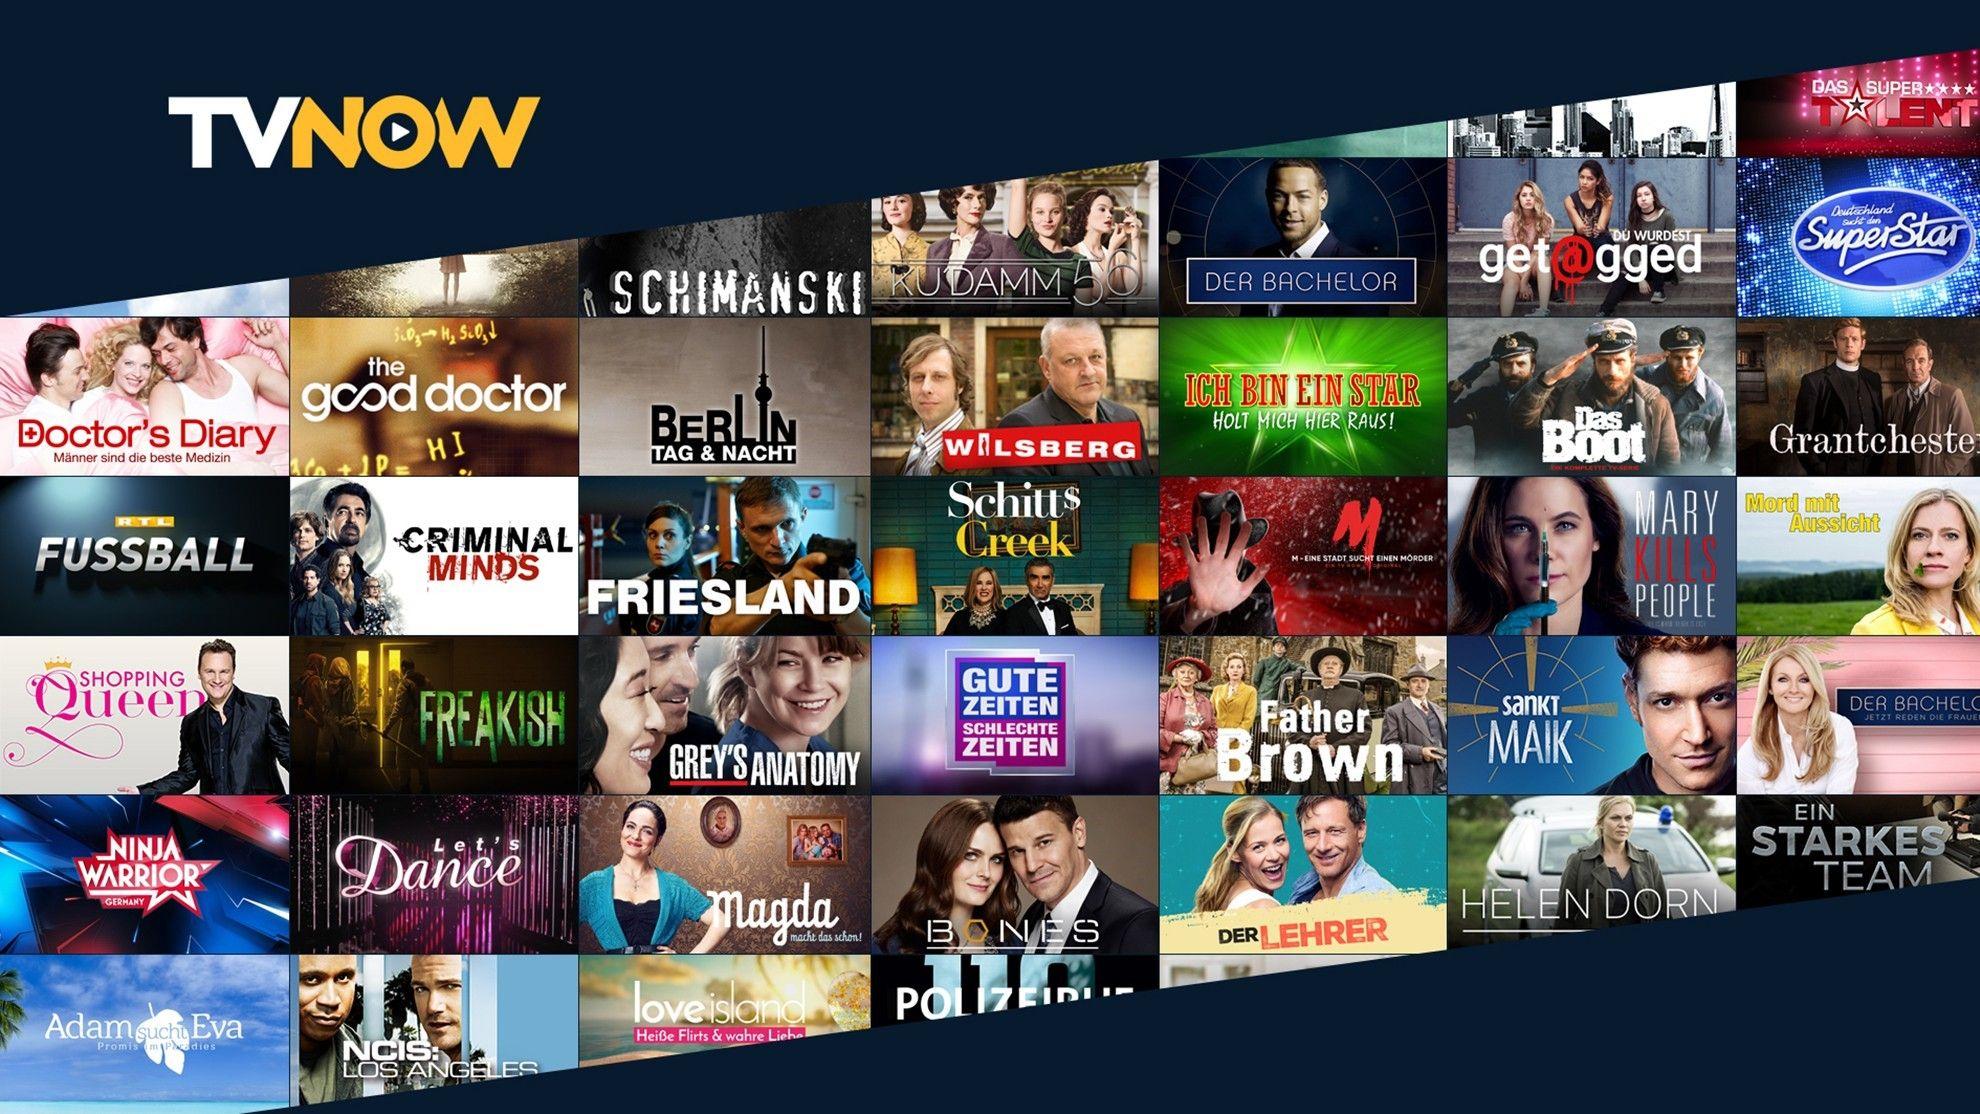 Tv Noow